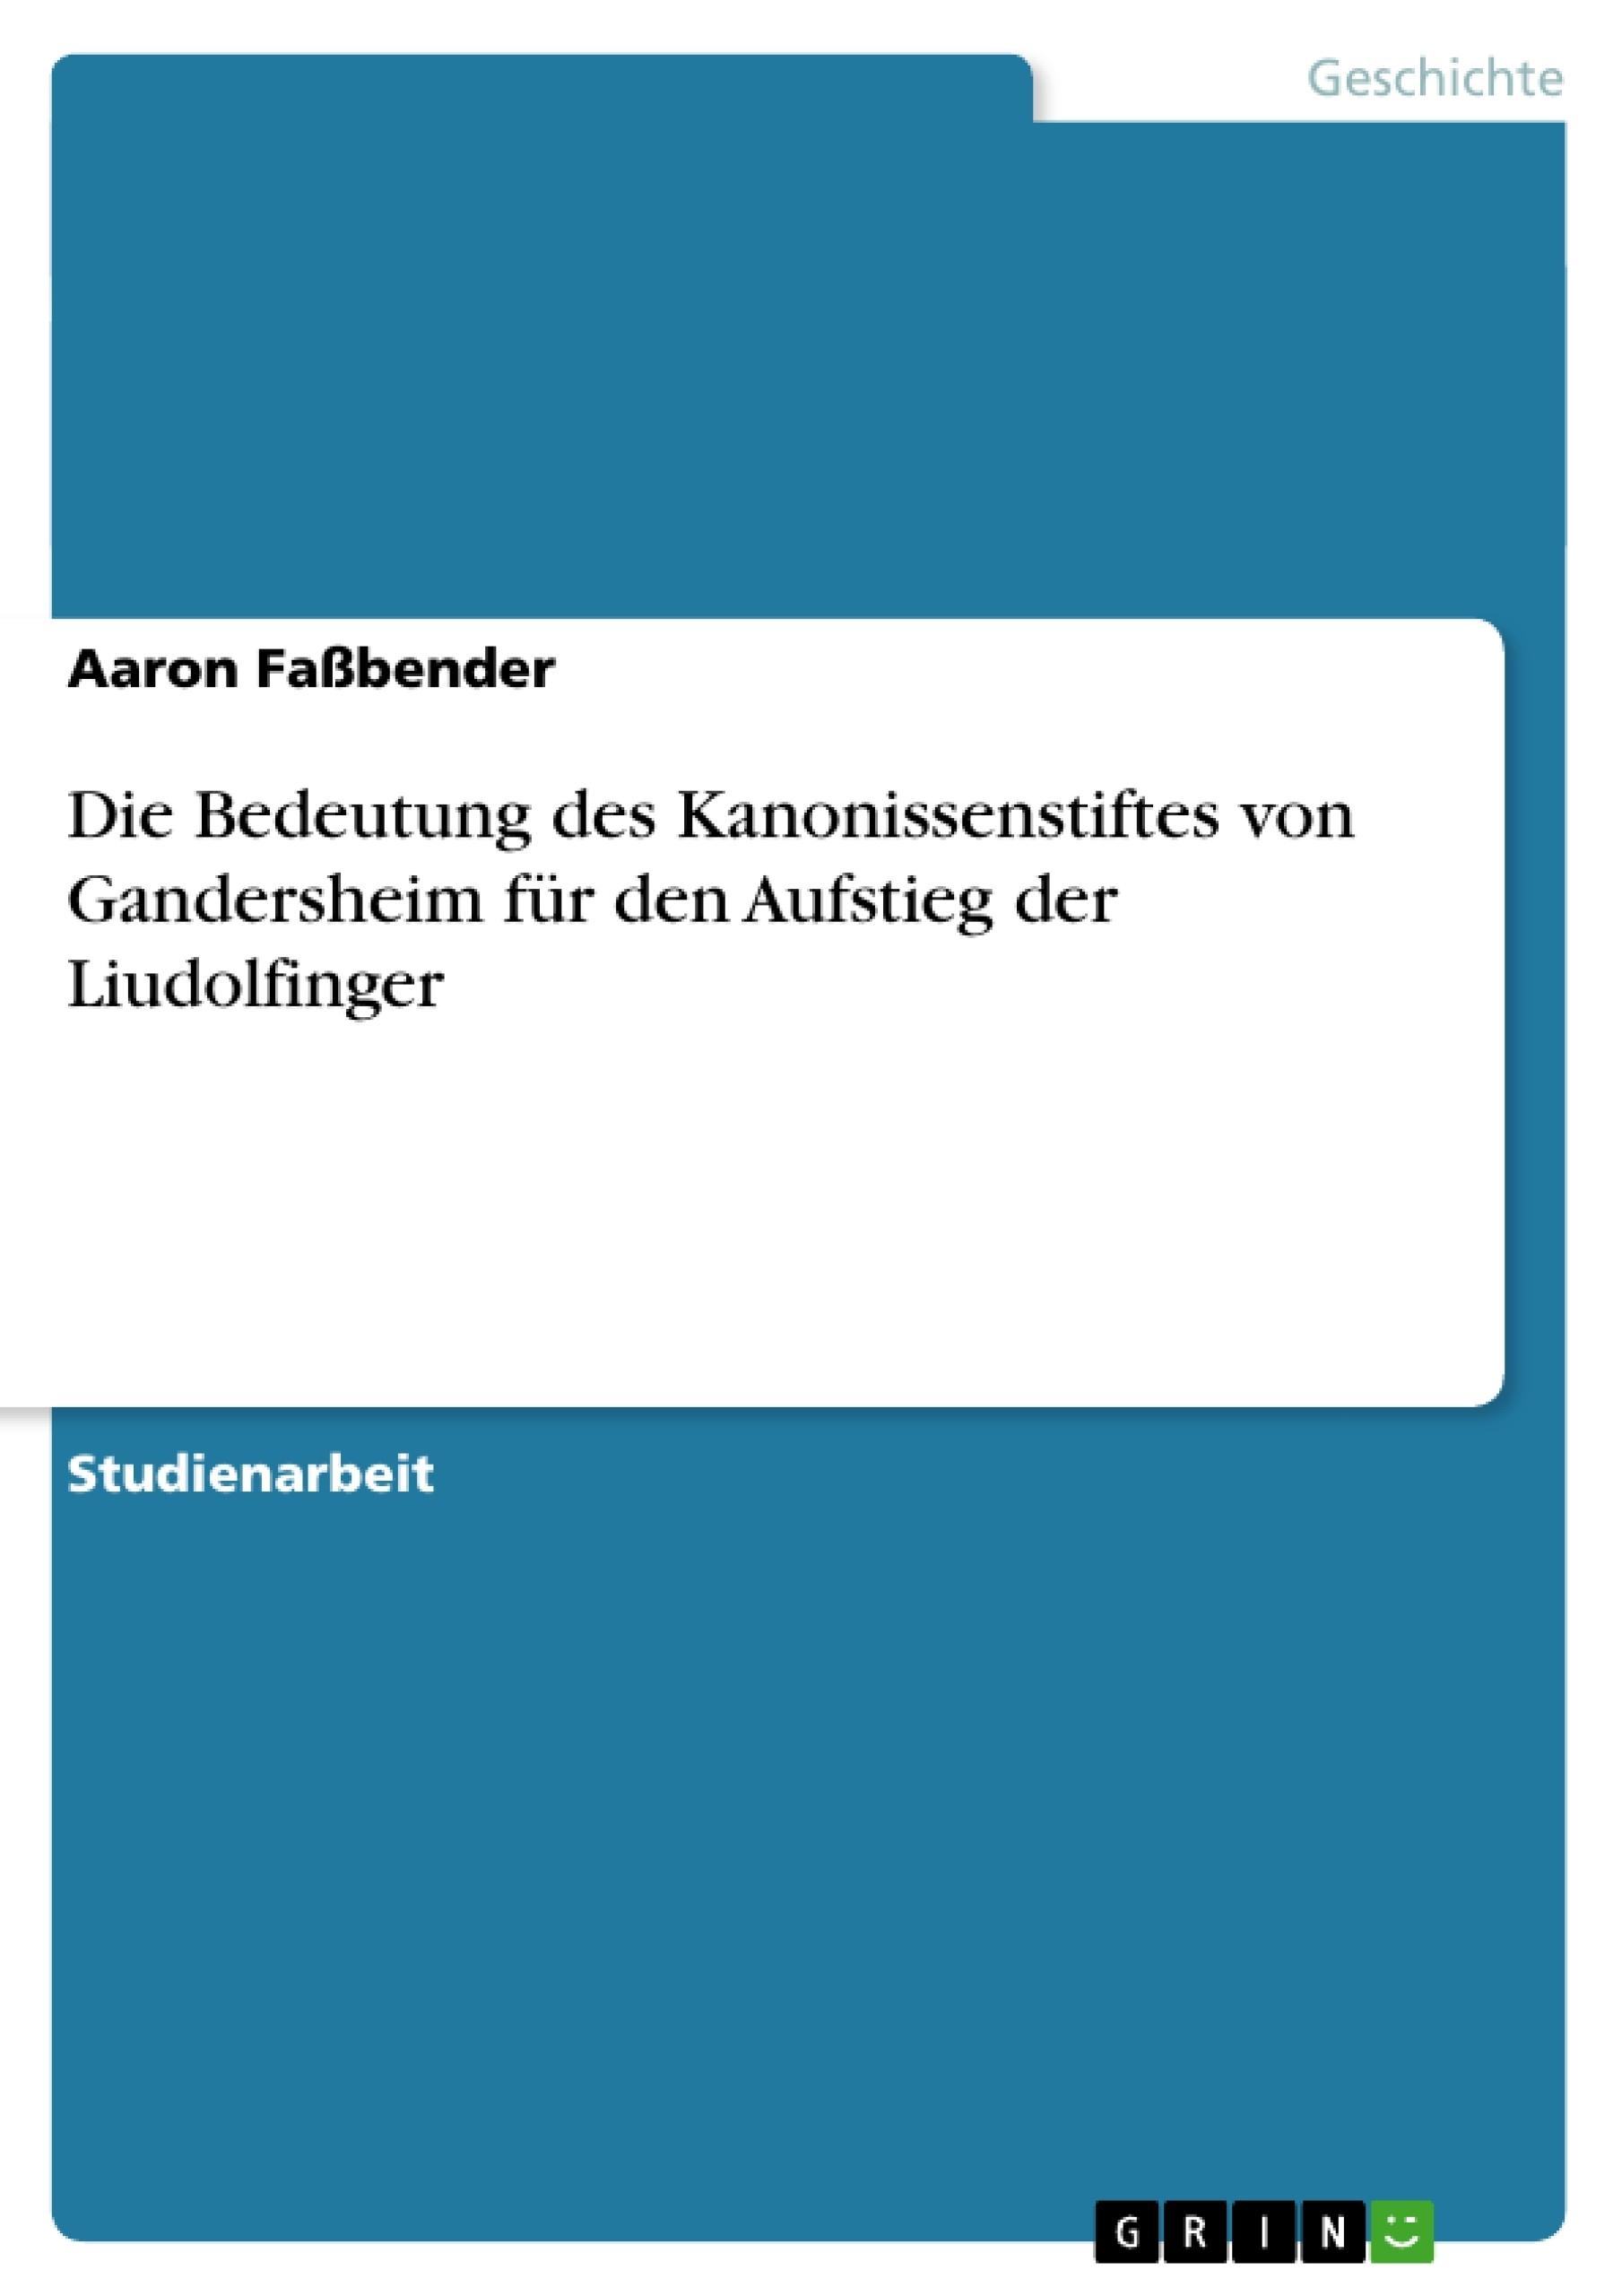 Titel: Die Bedeutung des Kanonissenstiftes von Gandersheim für den Aufstieg der Liudolfinger